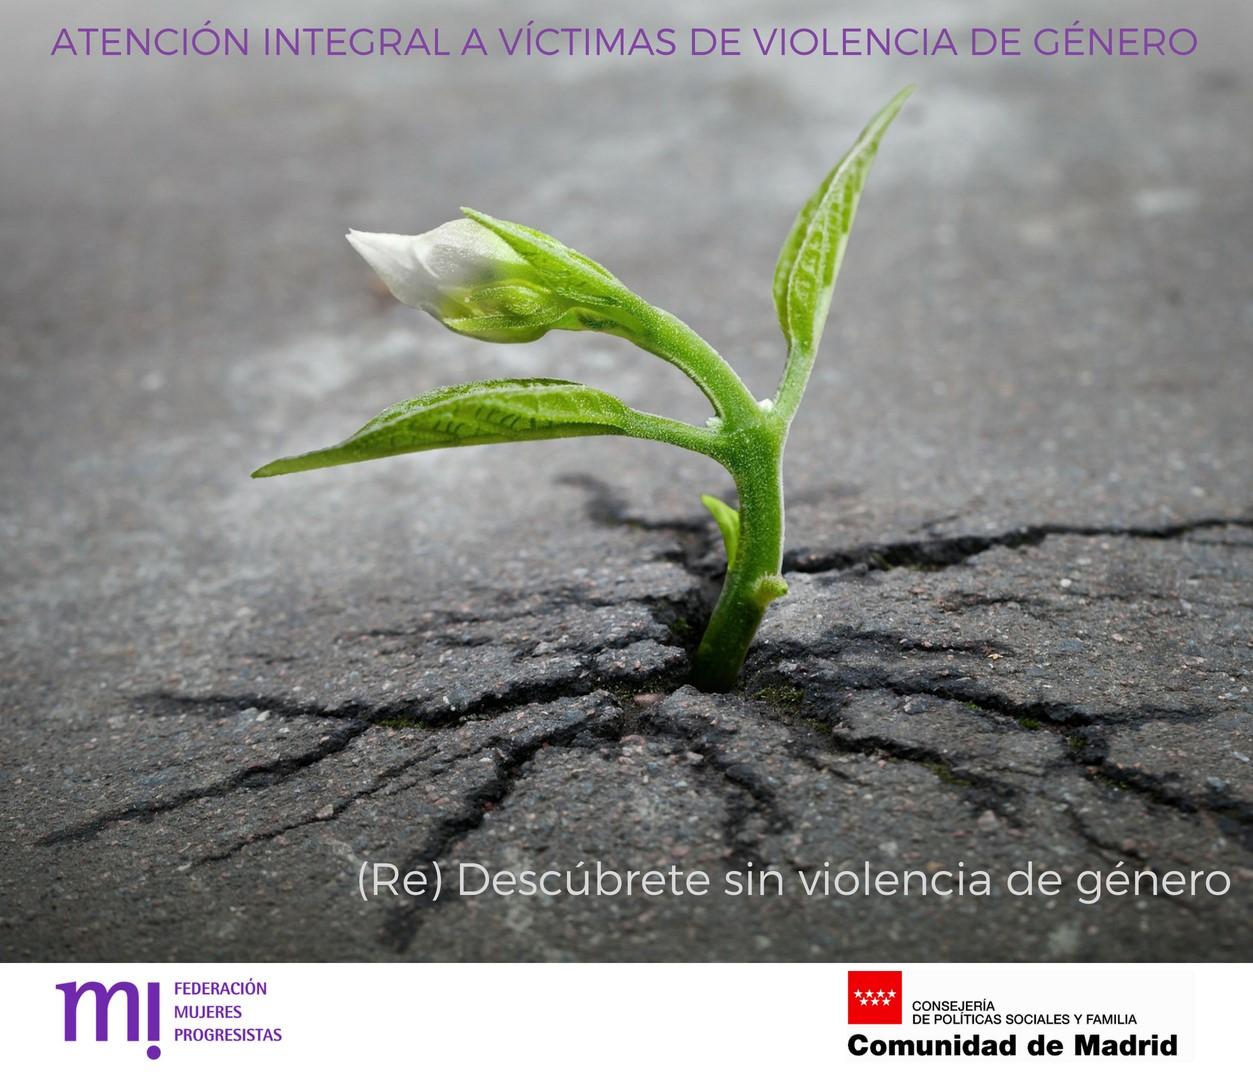 Course Image Chat de consulta abierta sobre Violencia de género